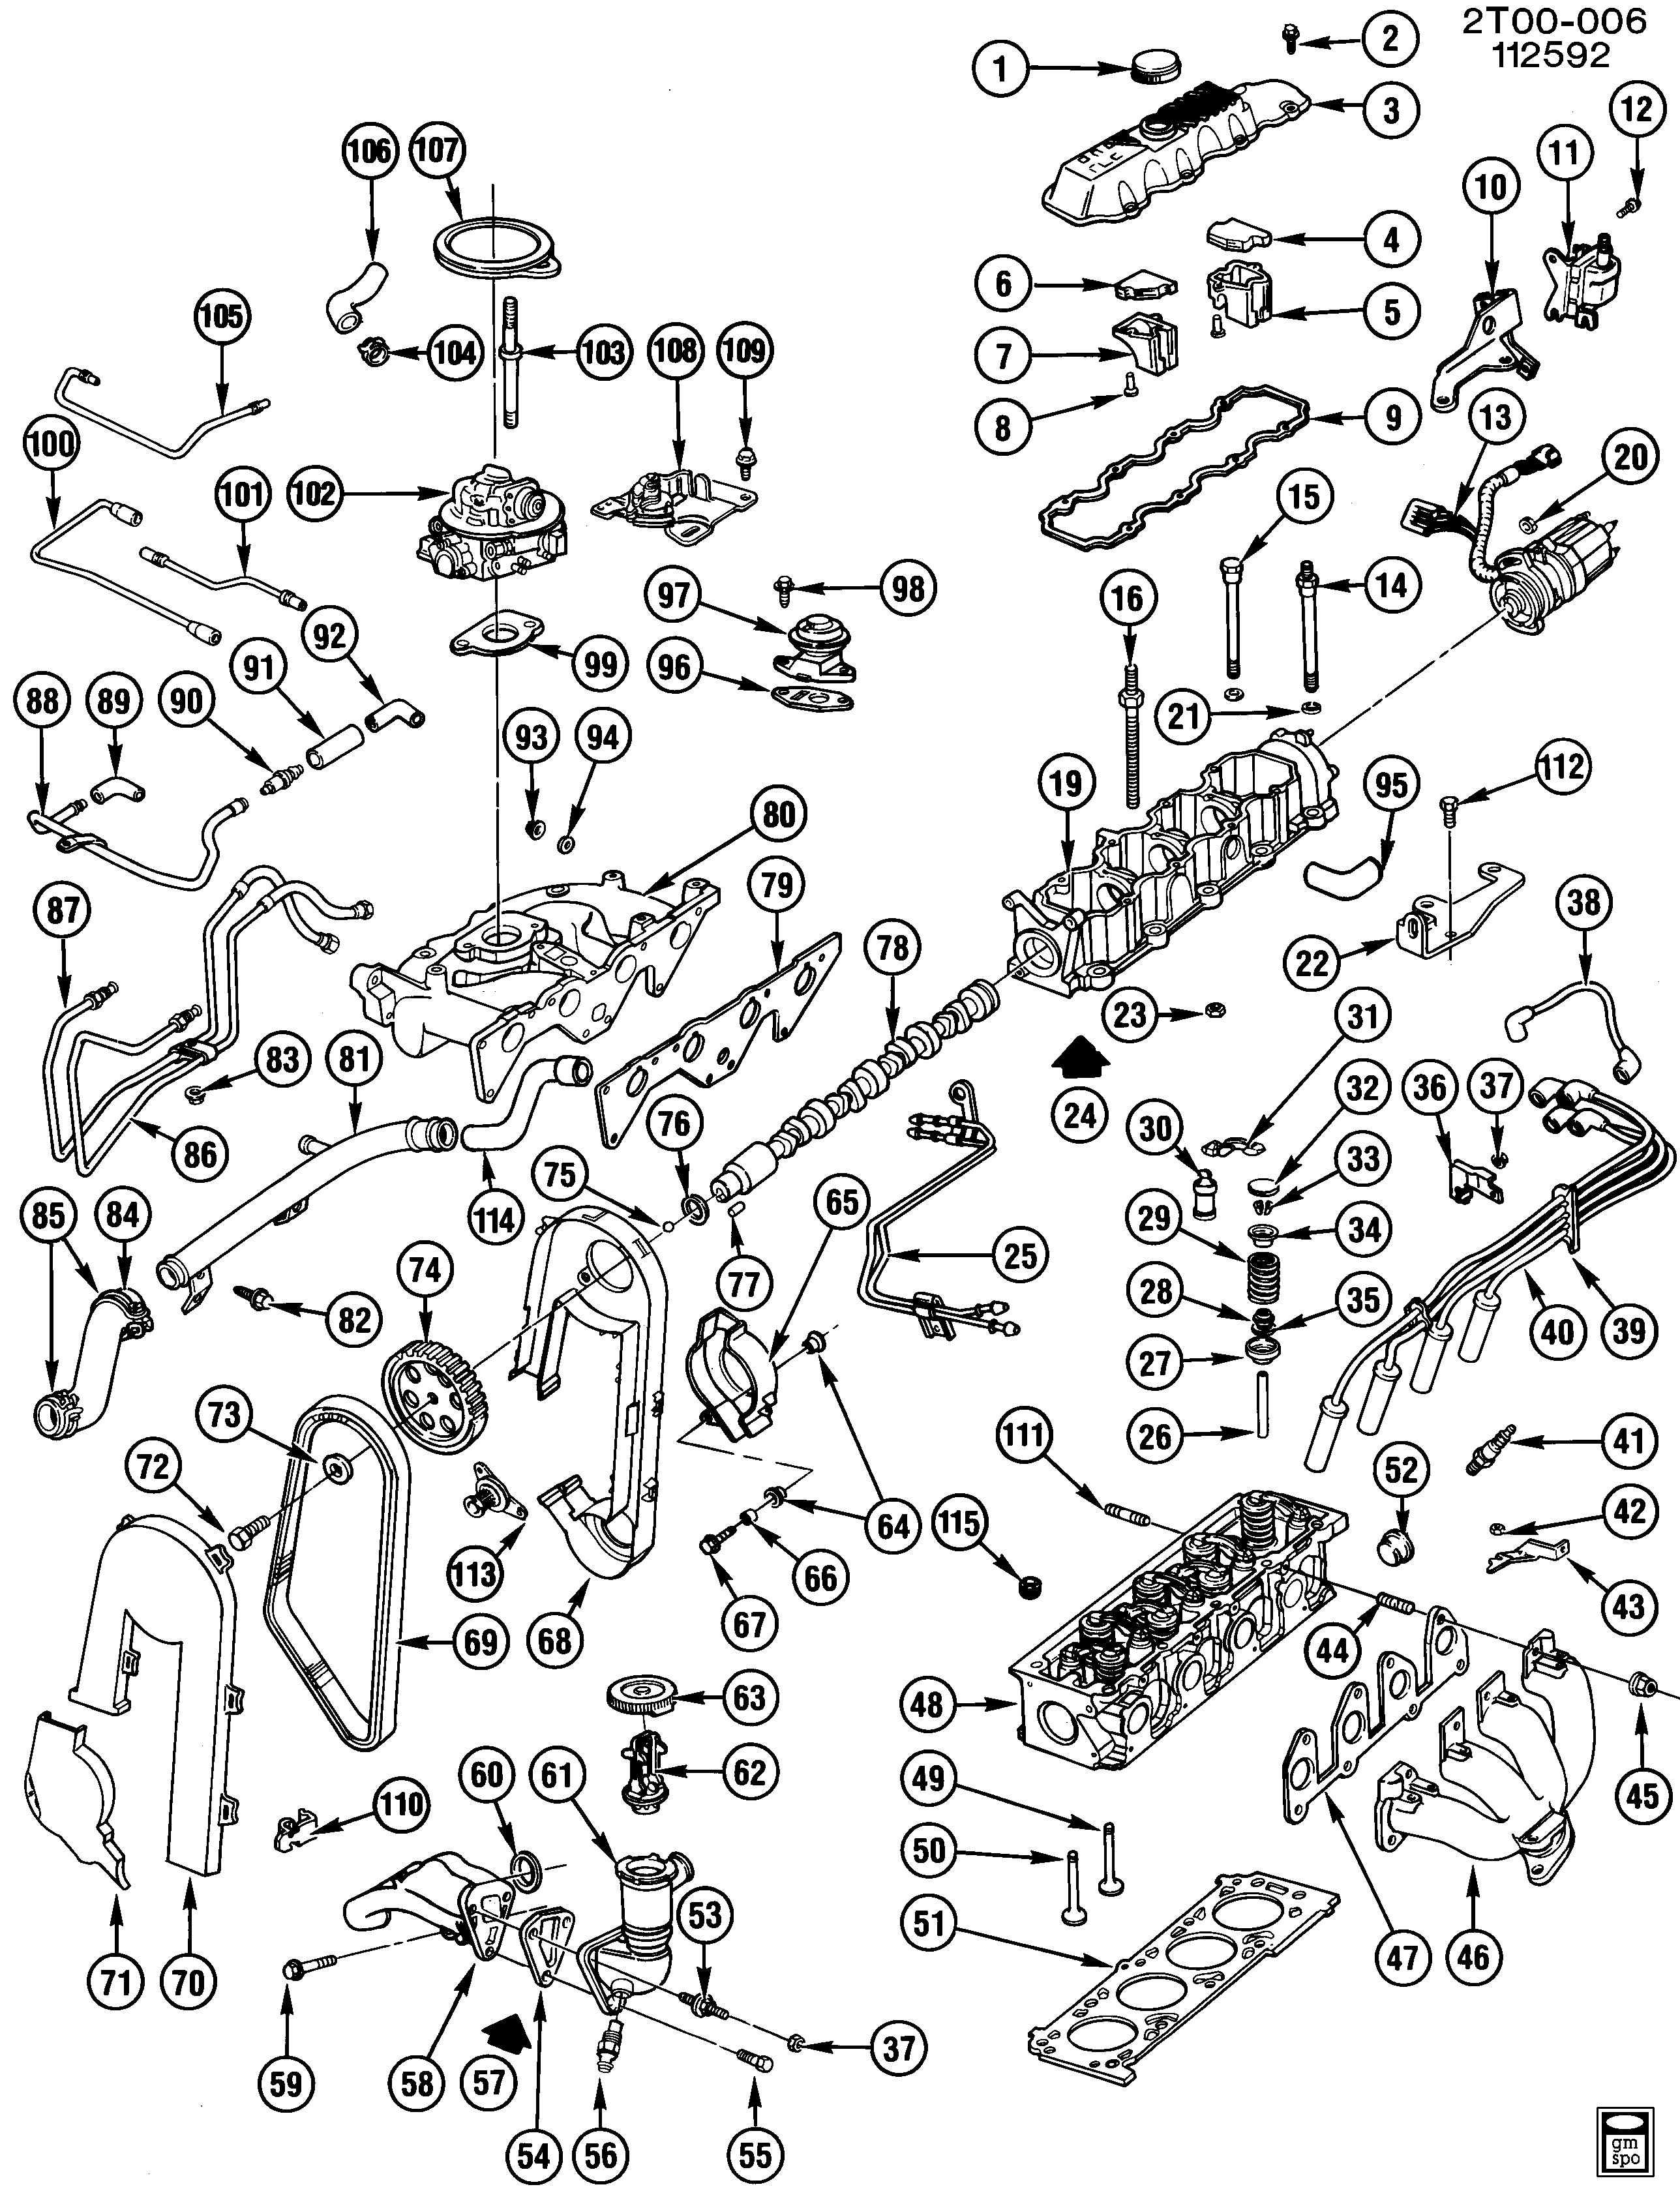 pontiac lemans t engine asm 2 0l l4 part 2 lt2 2 0k epc online Buick Skylark t engine asm 2 0l l4 part 2 lt2 2 0k